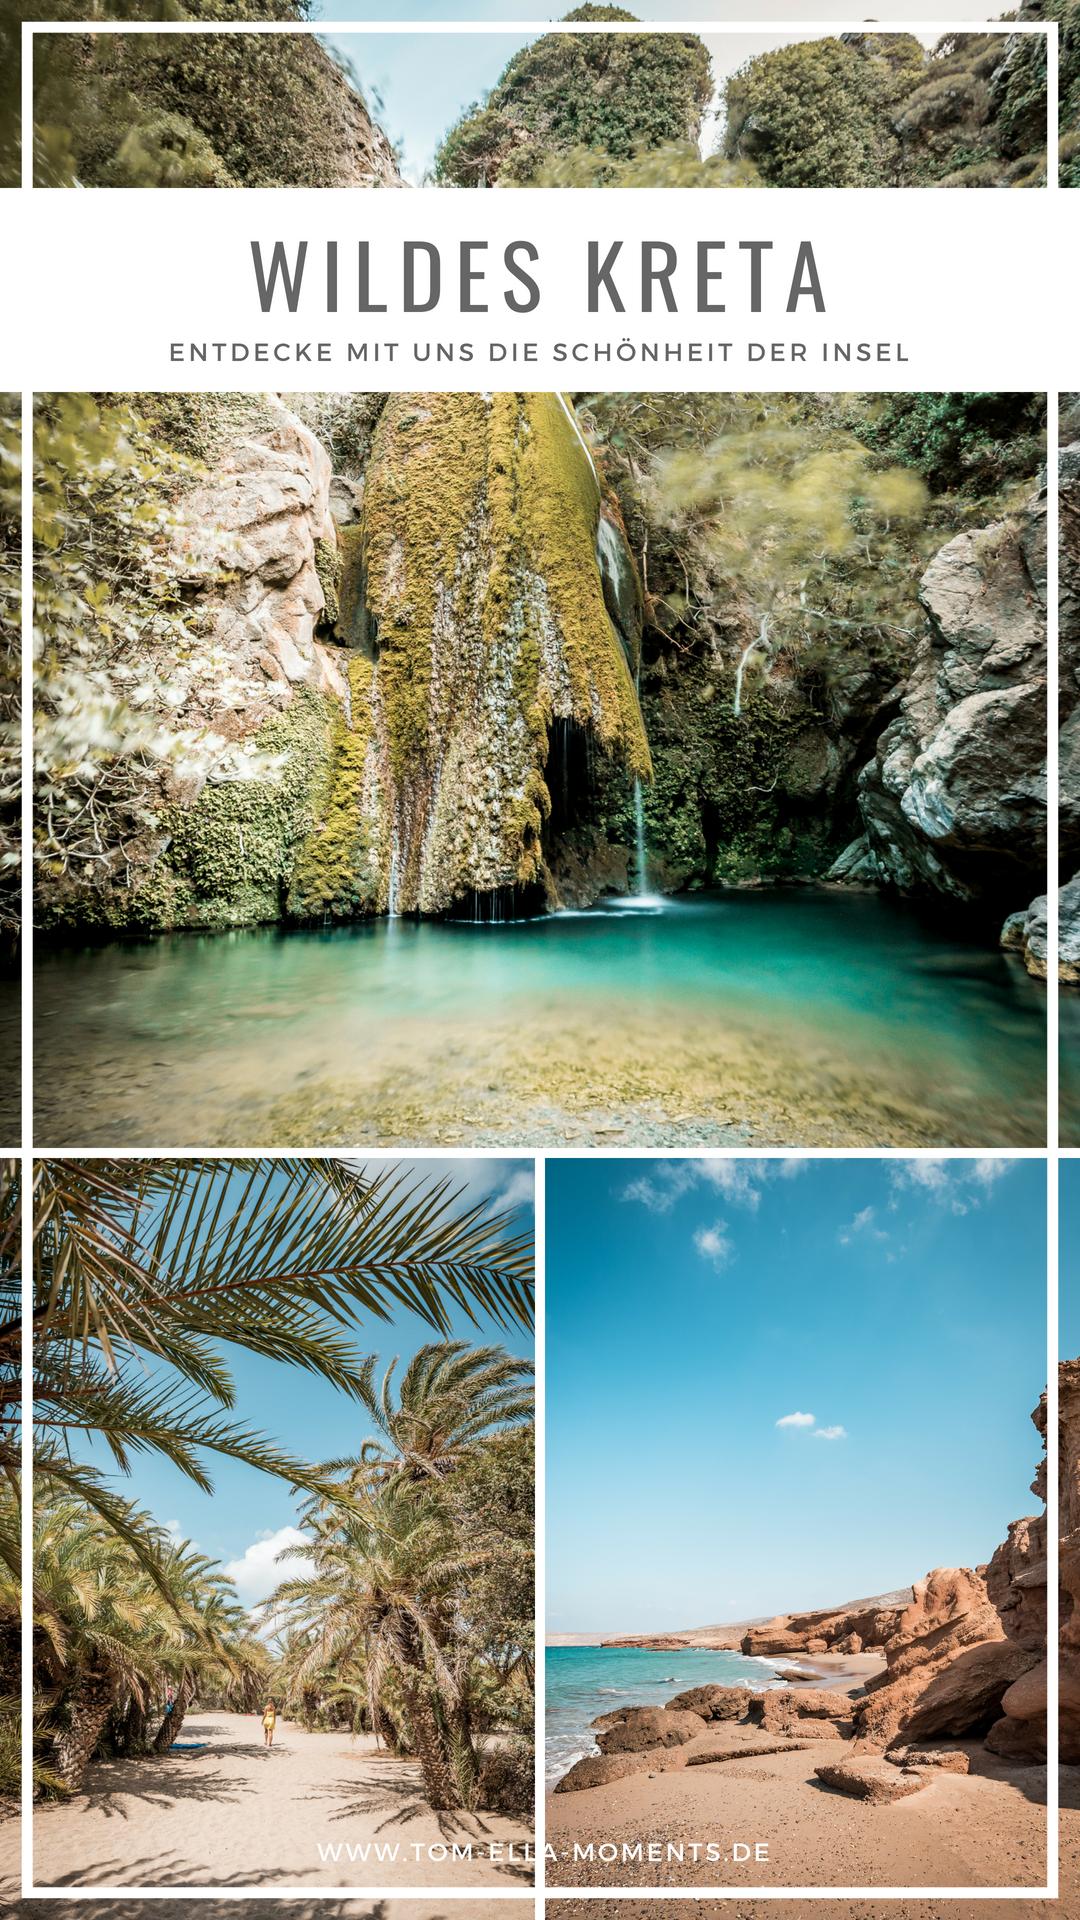 Kreta Highlights: Die schönsten Ecken der Insel #holidaytrip